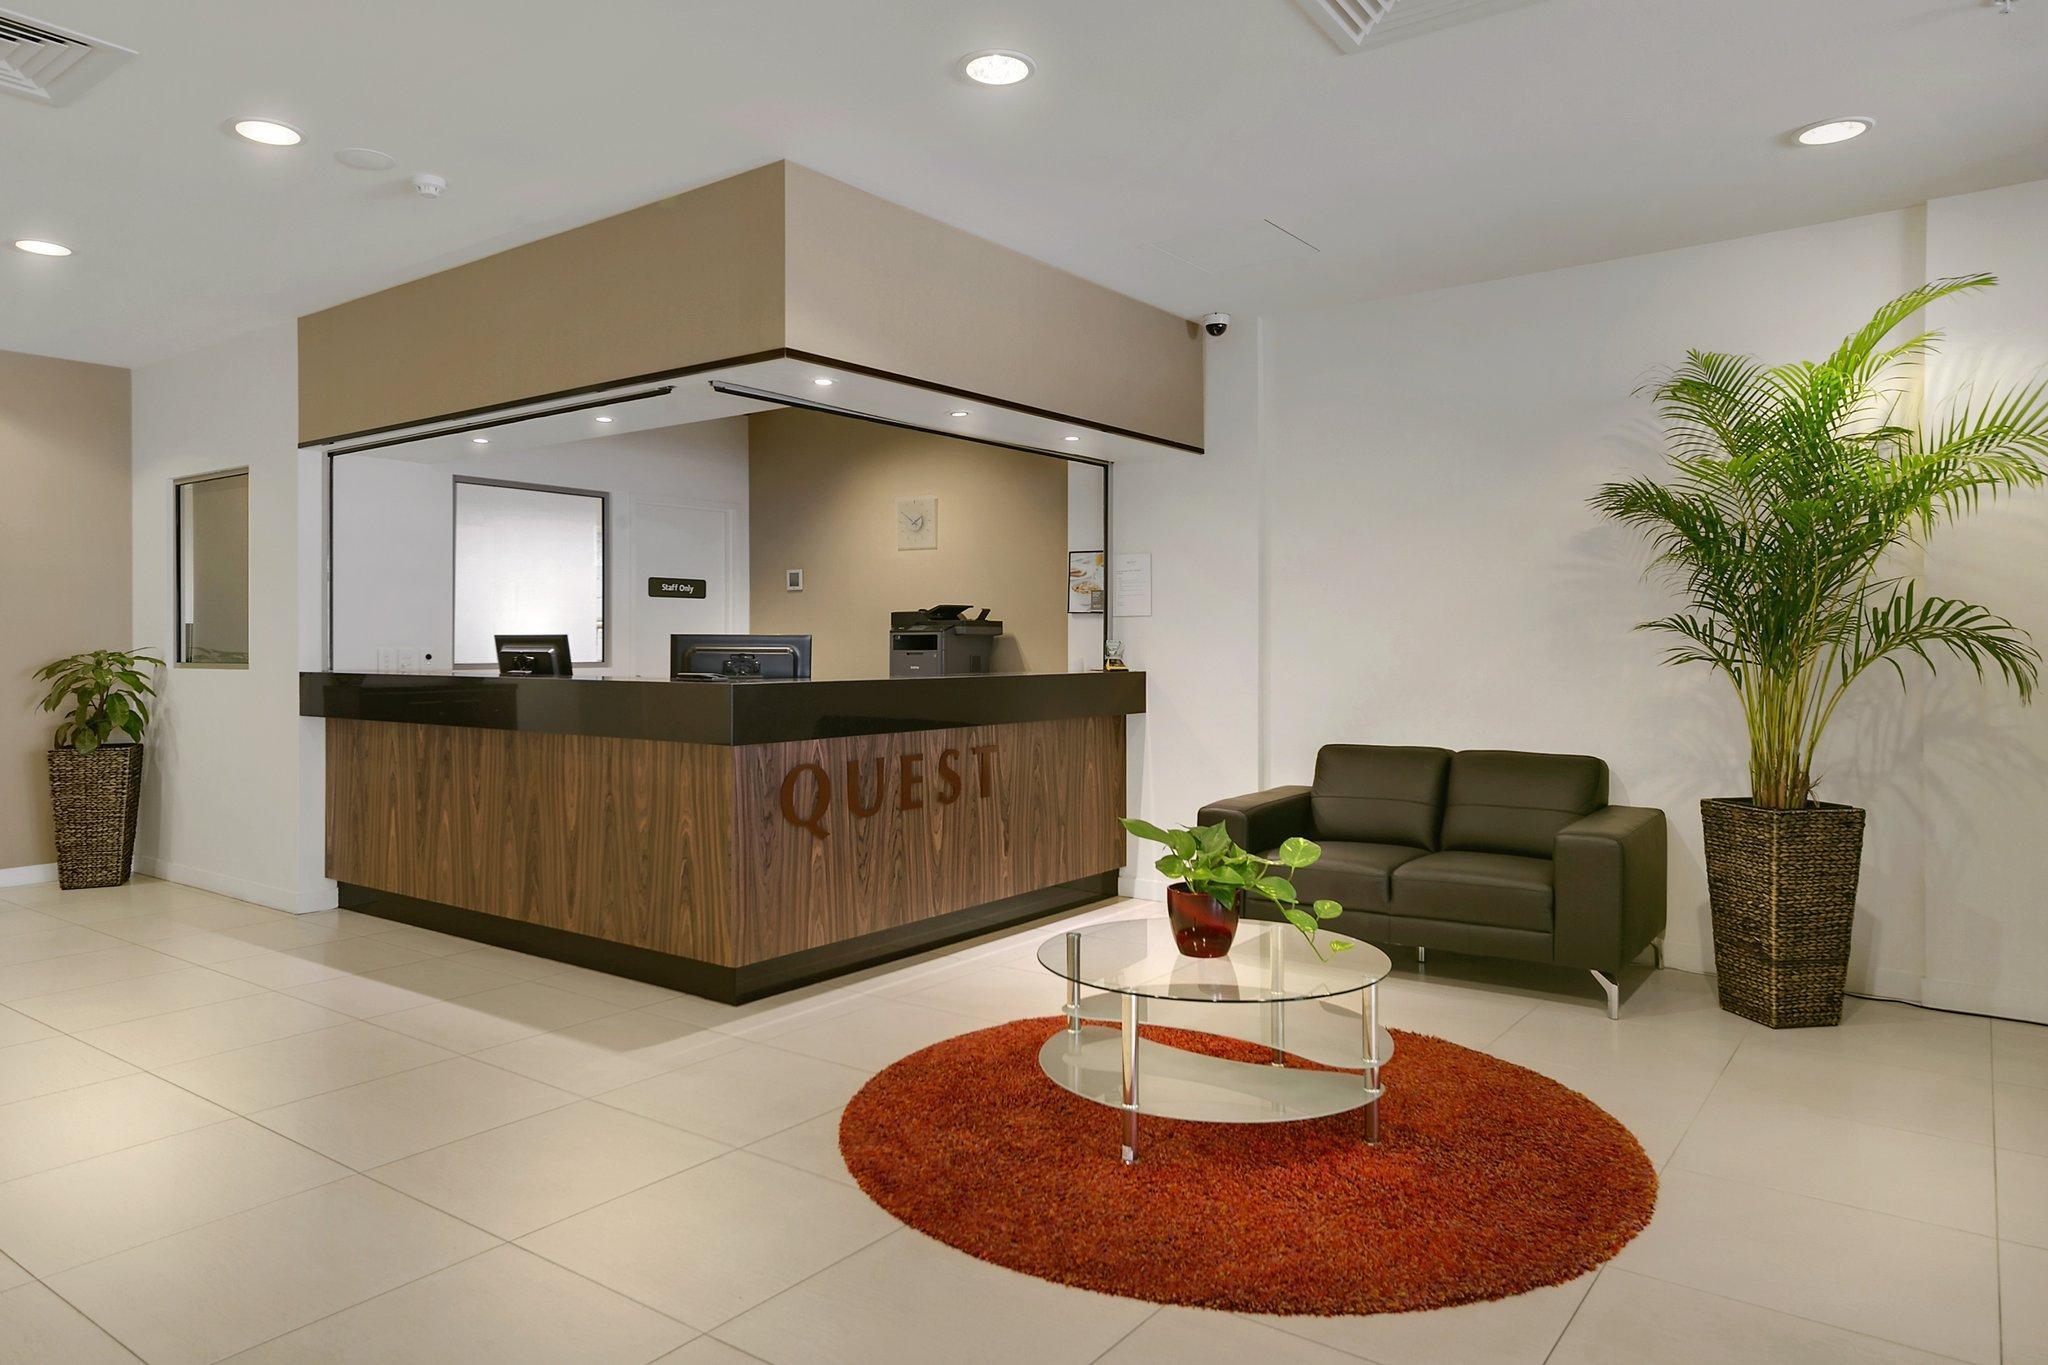 Quest South Brisbane